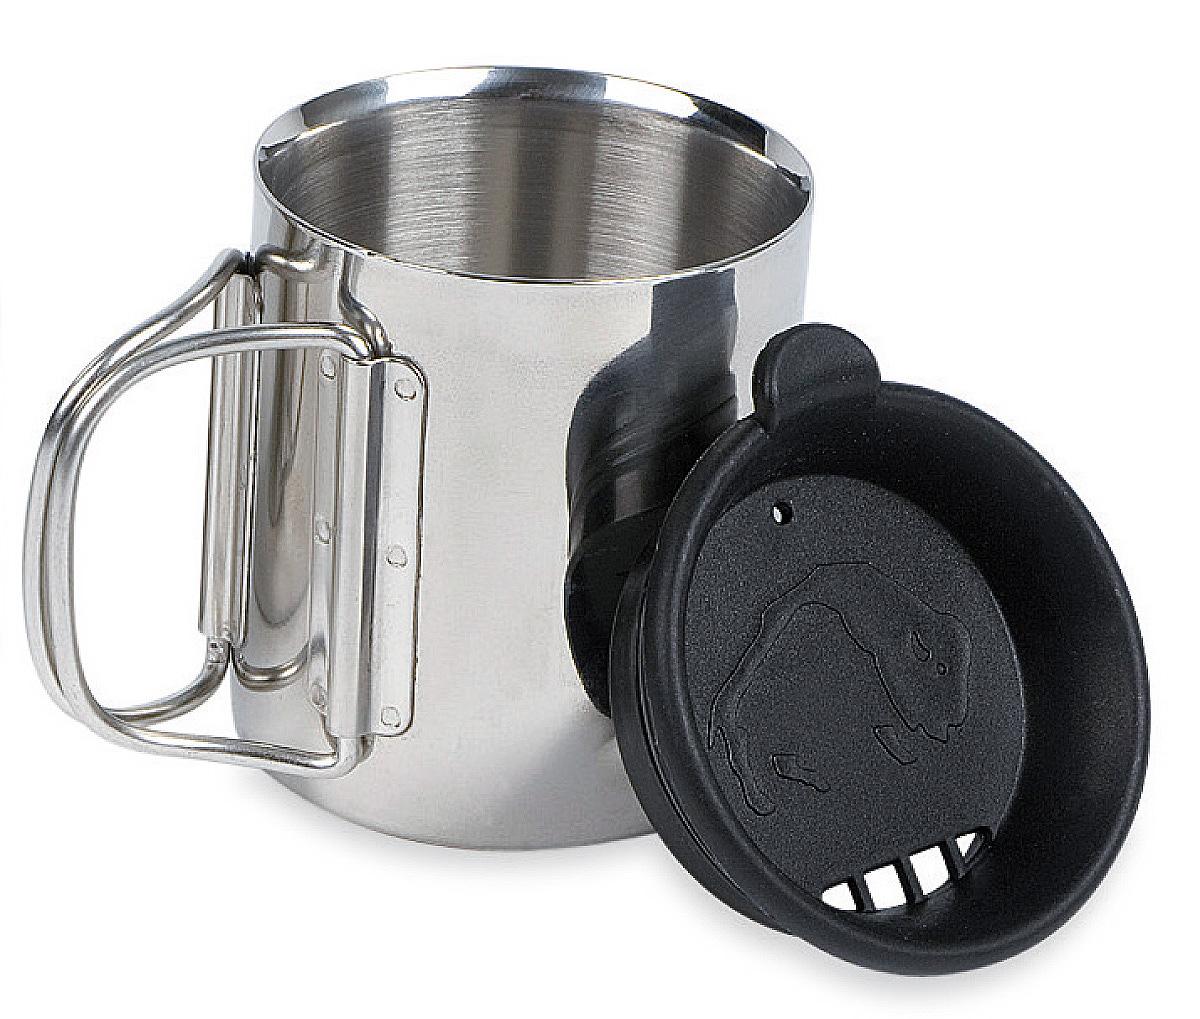 Термокружка с крышкой Tatonka Thermo, 0,25 л4080.000Термокружка Tatonka Thermo из нержавеющей стали со складными ручками и крышкой. Удобна в транспортировке. Кружка остается комфортной и прохладной снаружи, даже когда внутри кипяток. Крышка имеет специальные отверстия для питья. Это позволяет пить любимые напитки, не вынимая крышку, и напиток дольше не остывает. Внутри расположена мерная шкала. Высота кружки: 8,5 см. Диаметр кружки без учета ручки: 7,5 см.